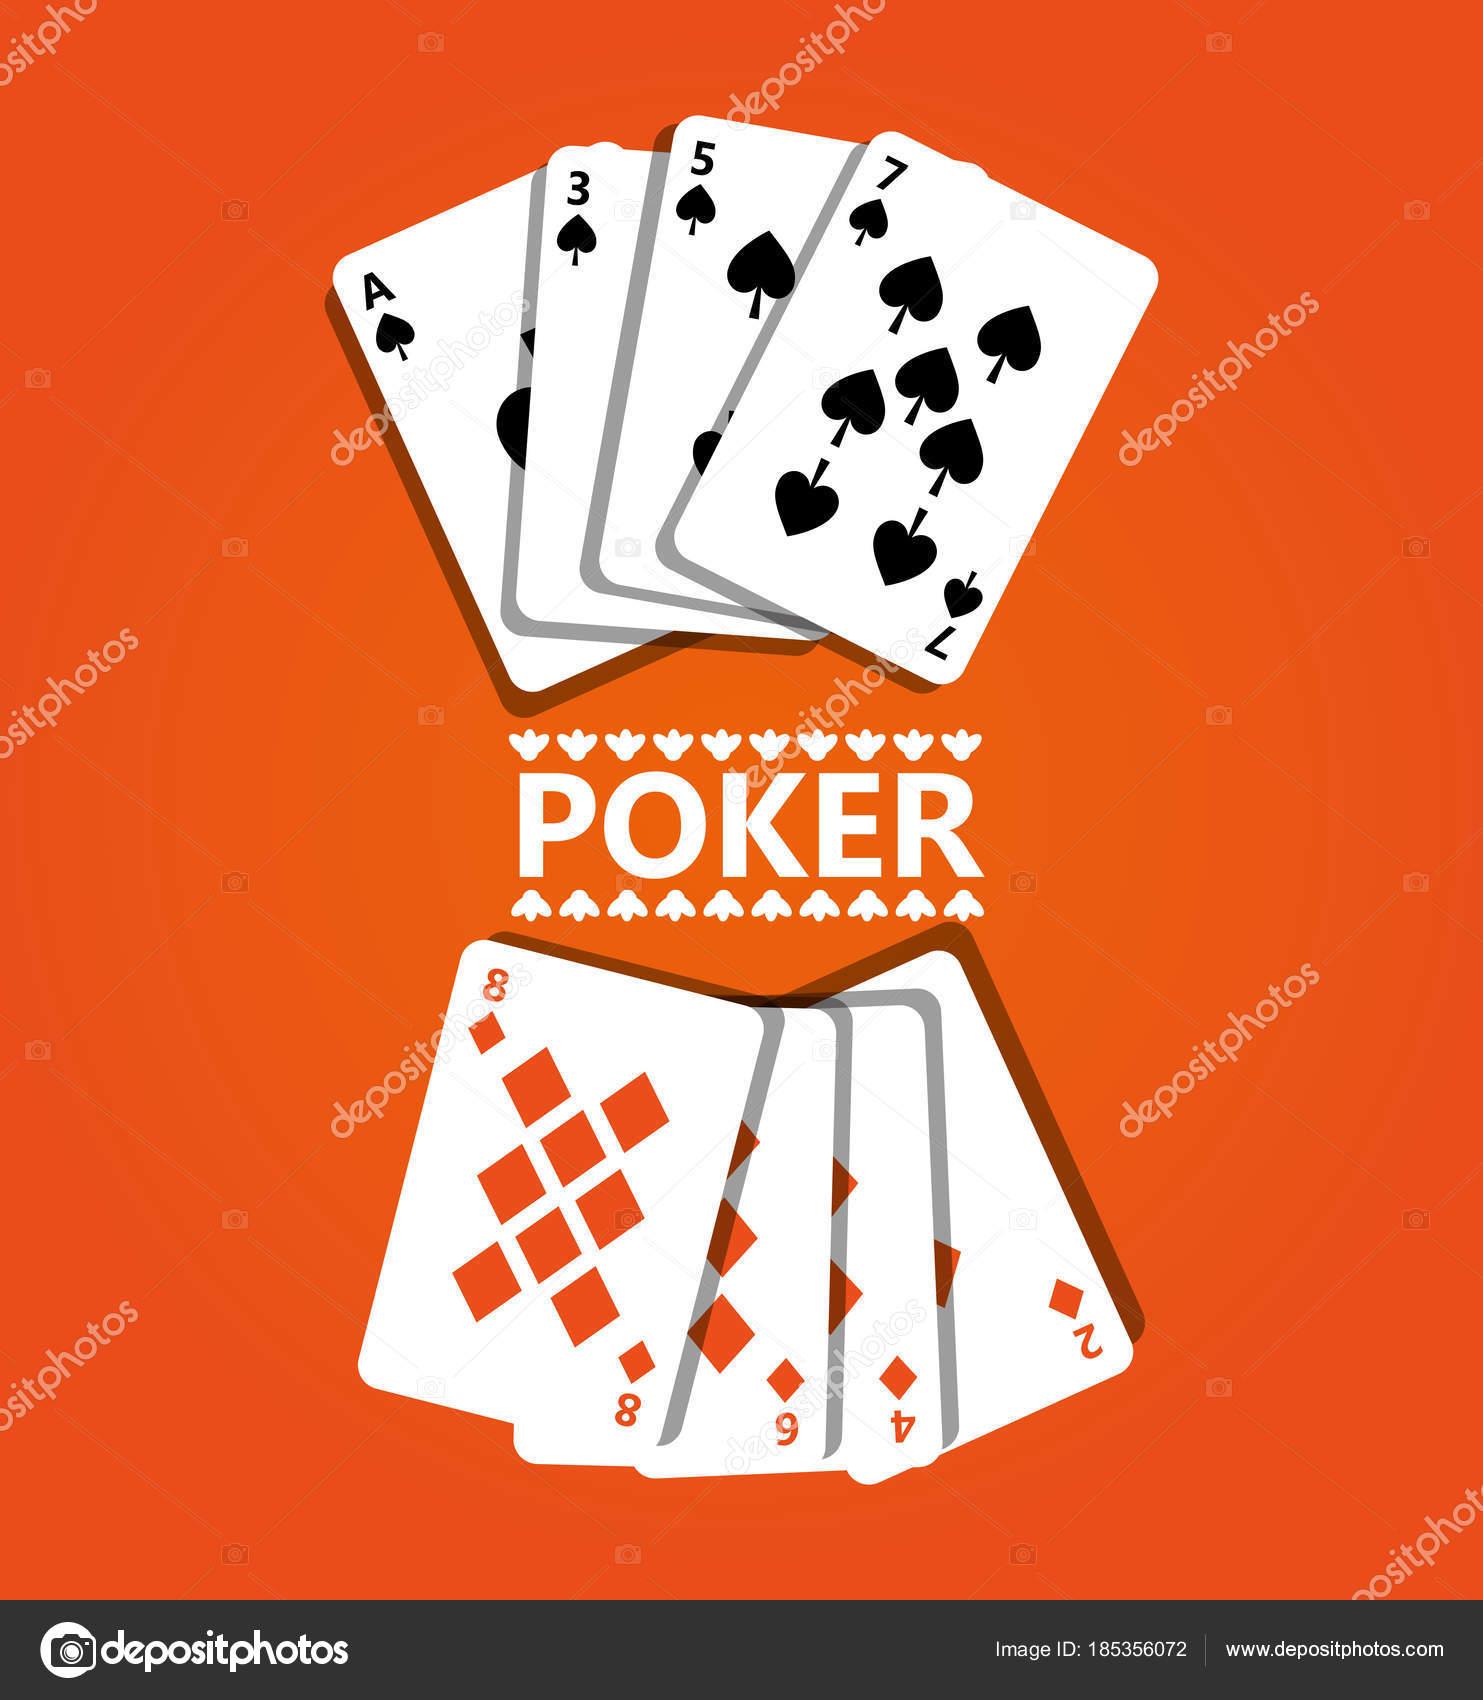 Diseno Cartas De Juego Cartas De Poker Diseno Y Concepto De Juego